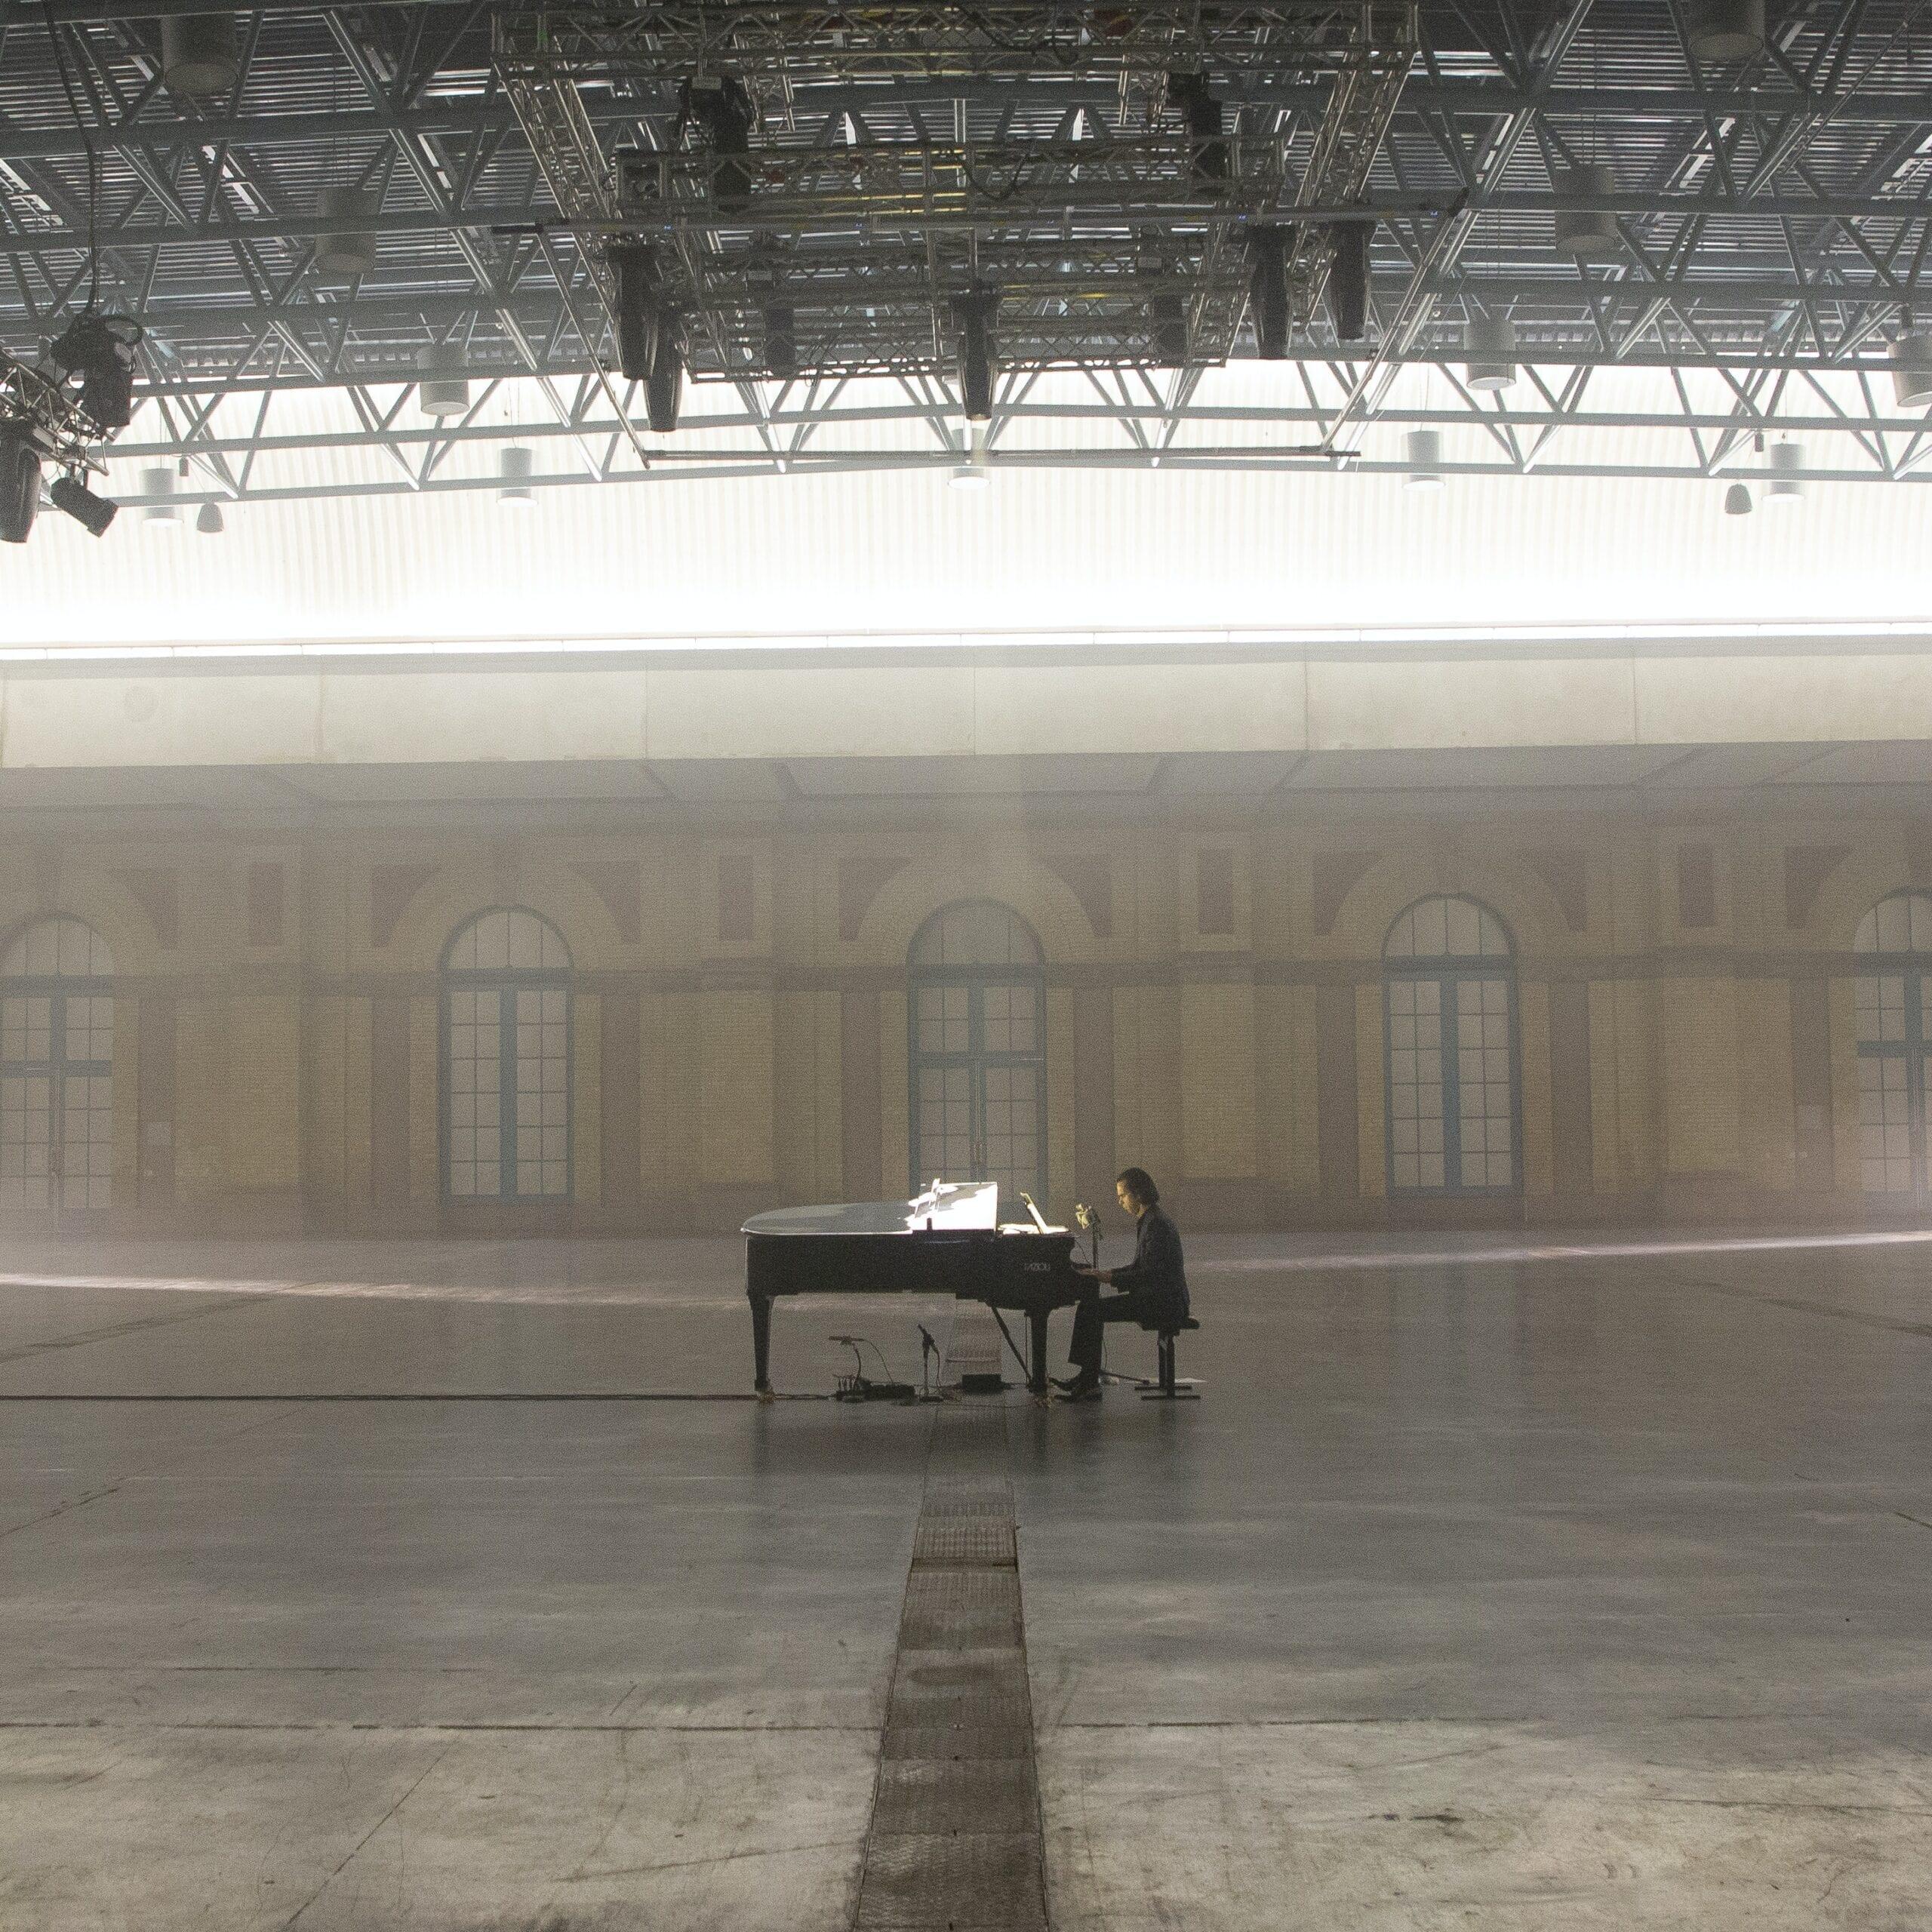 Онлайн-концерт Ника Кейва